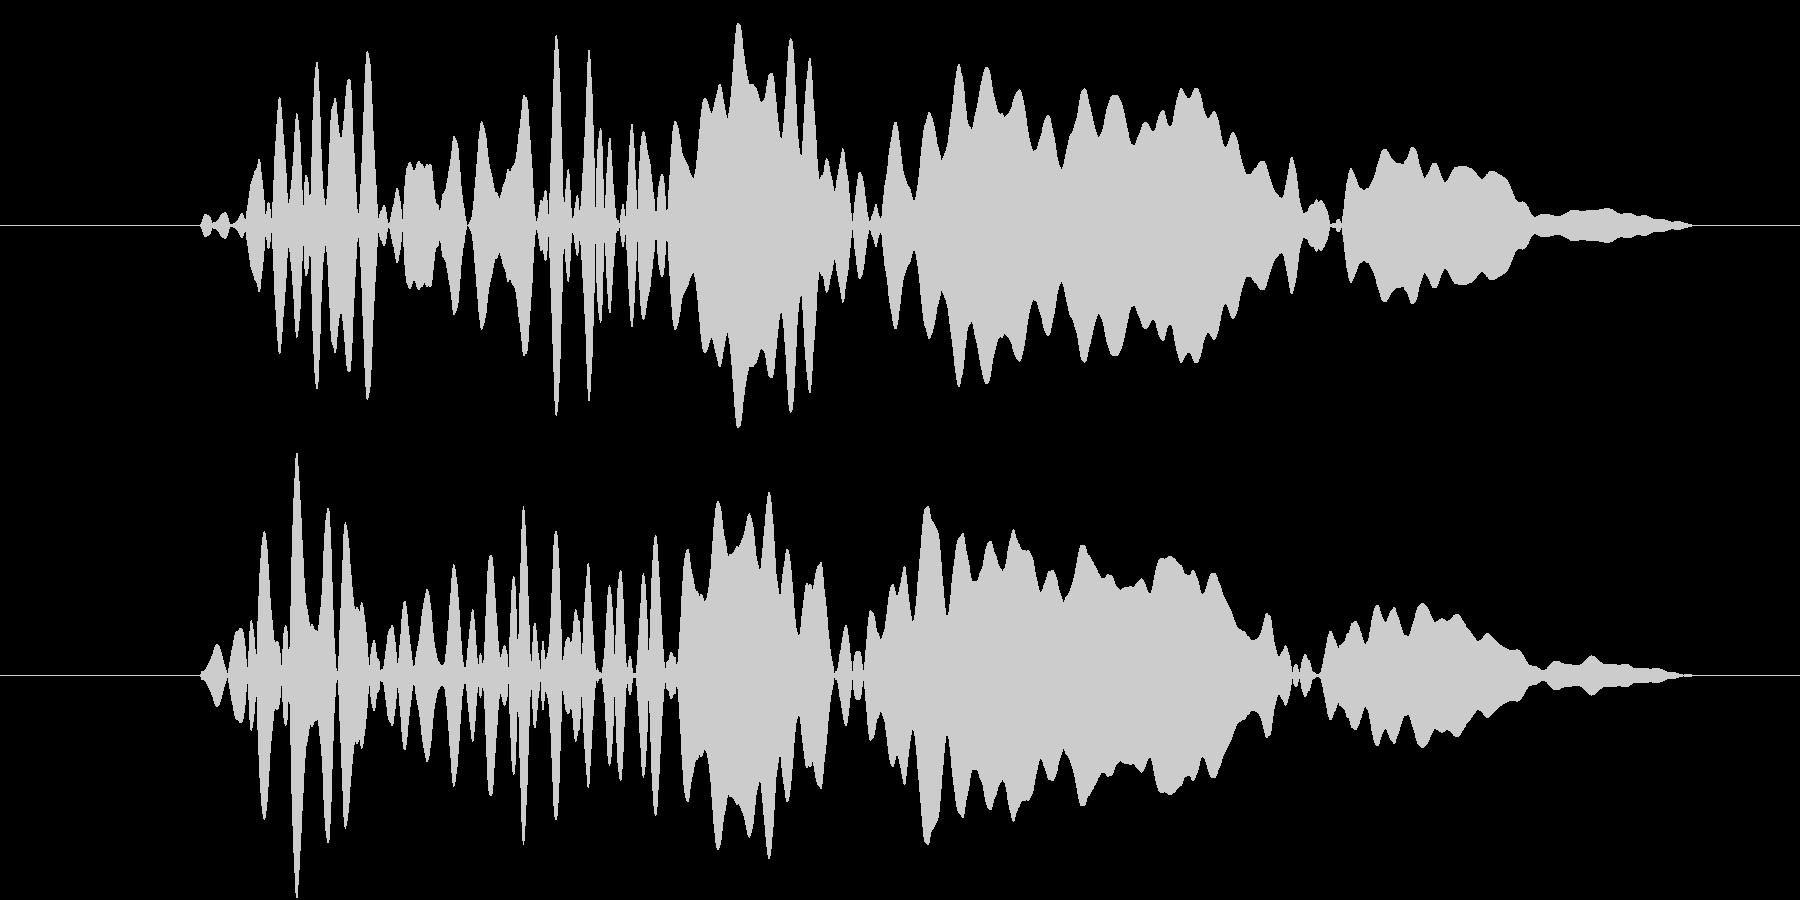 ショッキングなシーンにマッチする効果音…の未再生の波形